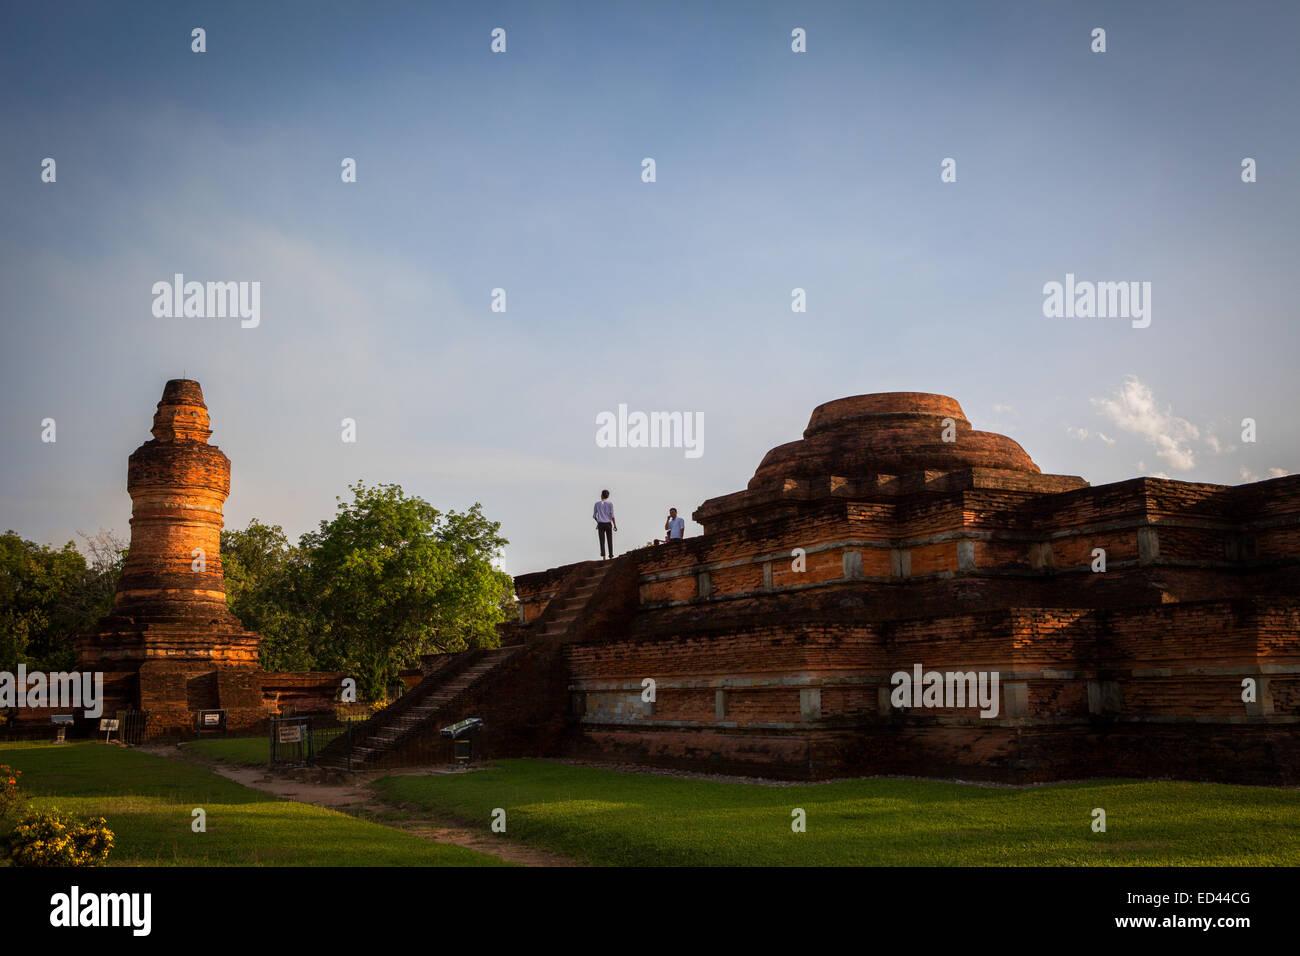 Muara Takus Temple Compound in Riau province, Sumatra, Indonesia. - Stock Image